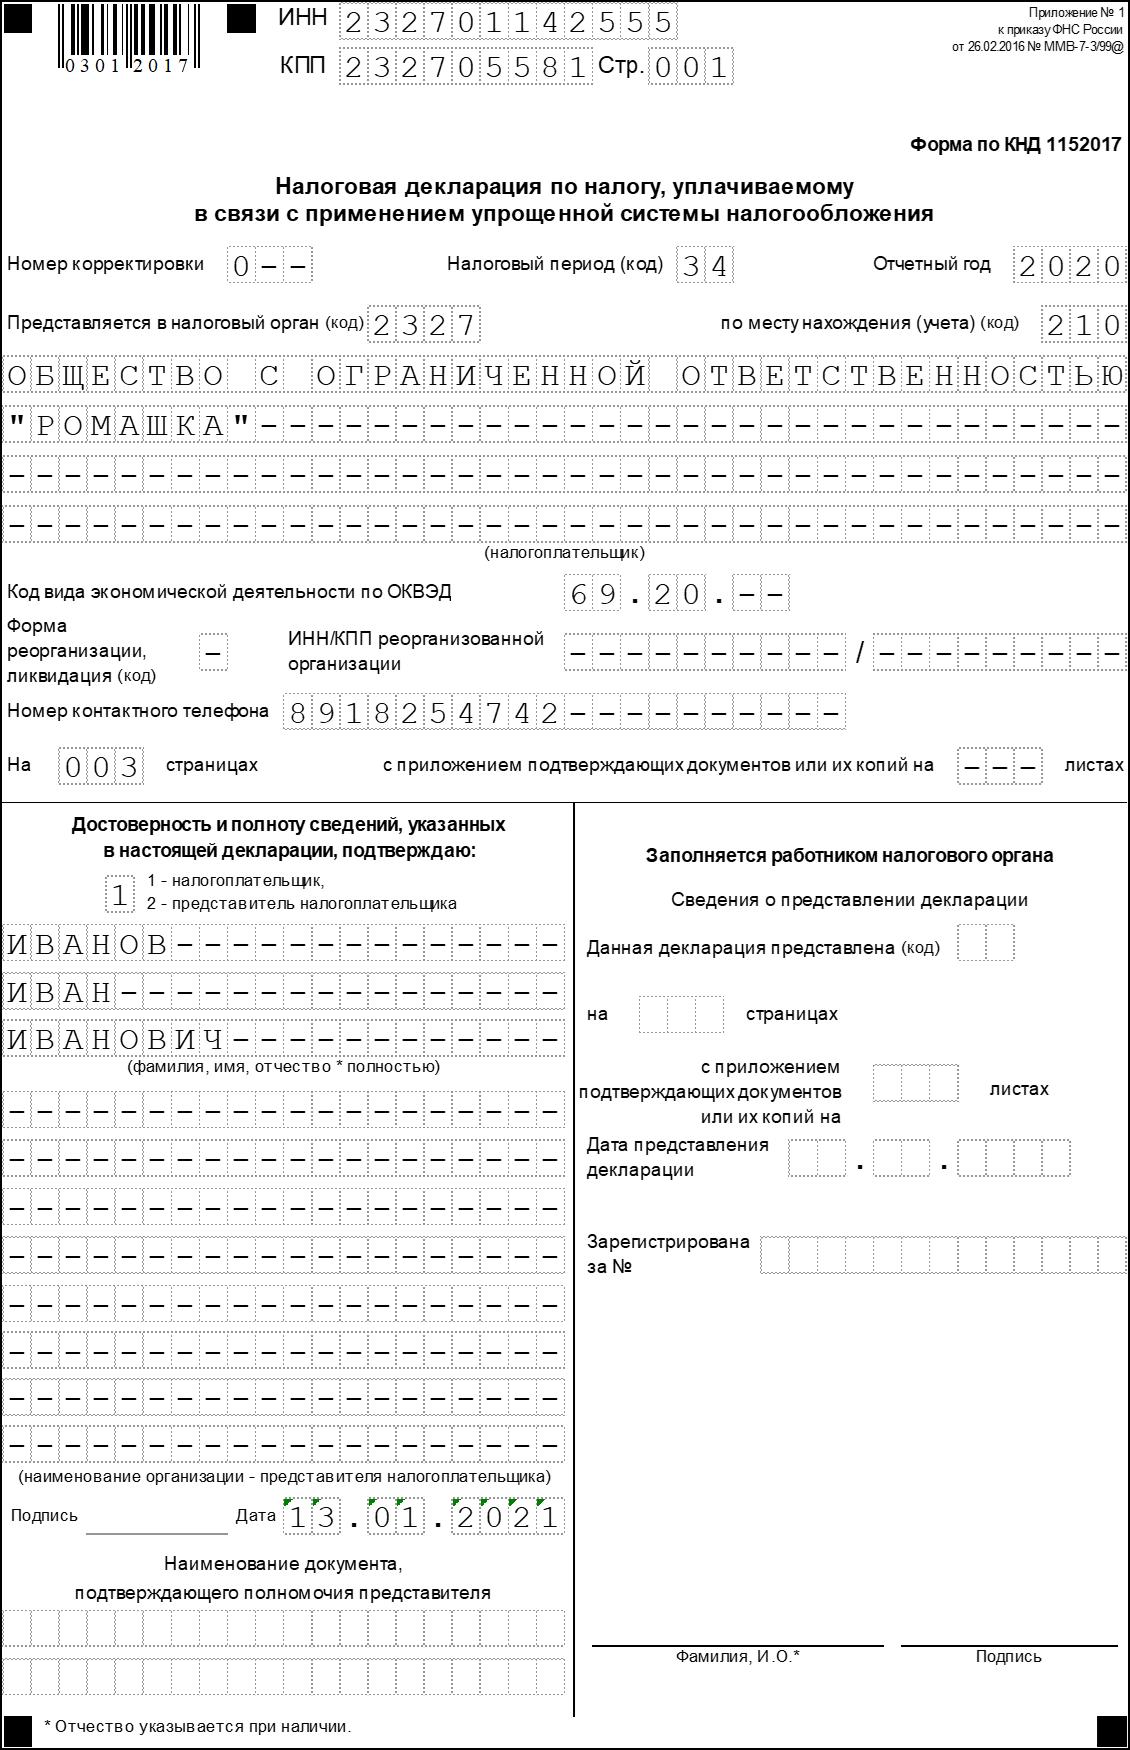 Титульный лист декларации УСН (доходы)